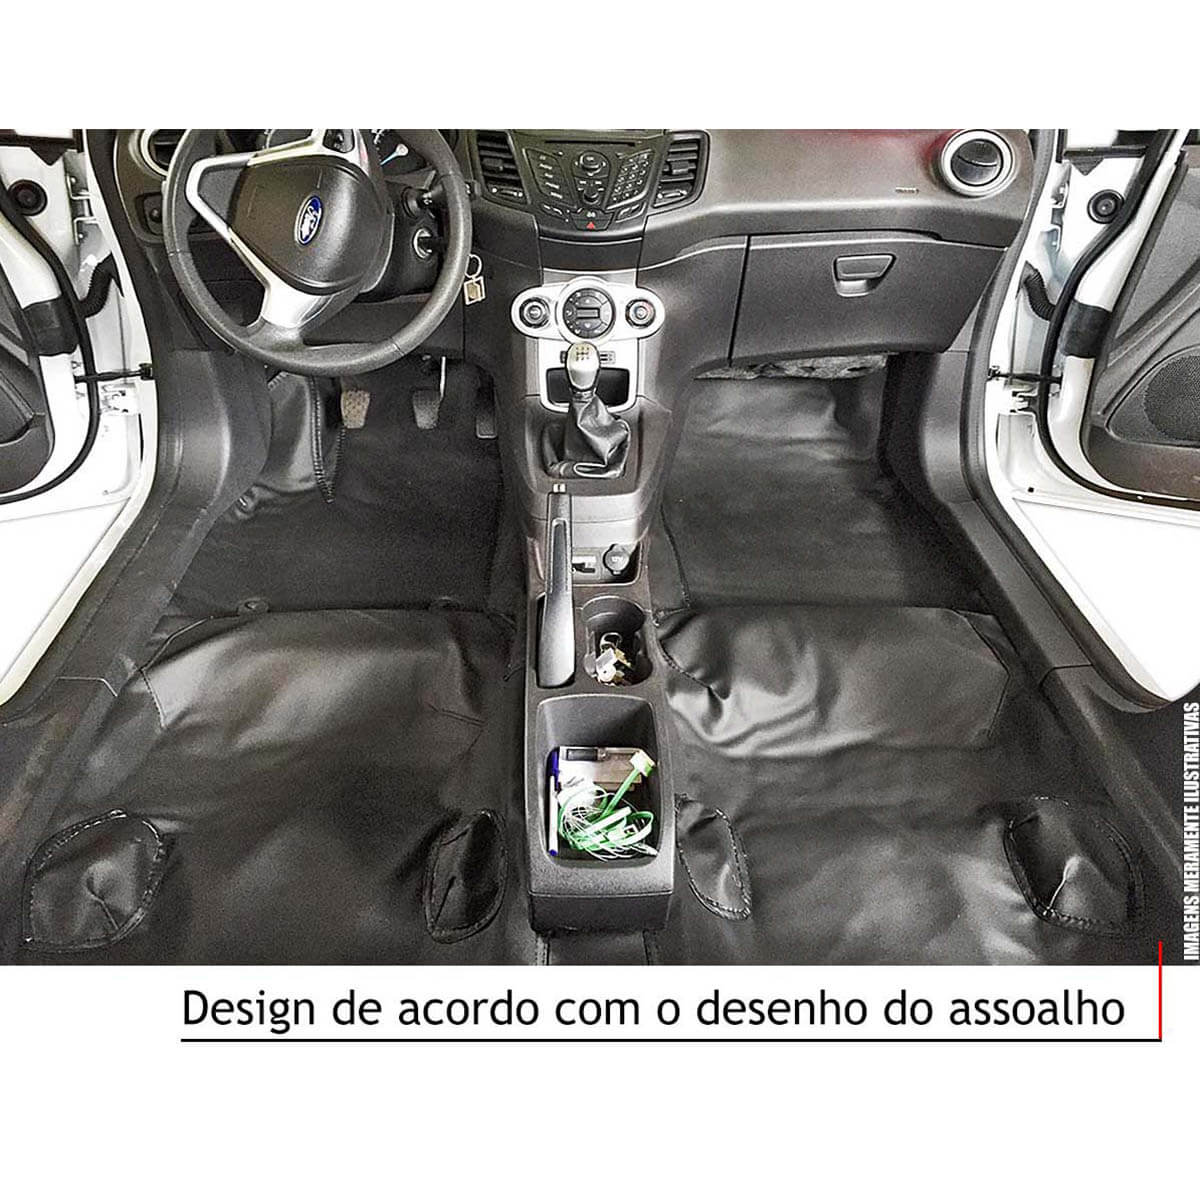 Capa de assoalho Nova S10 cabine dupla 2012 a 2018